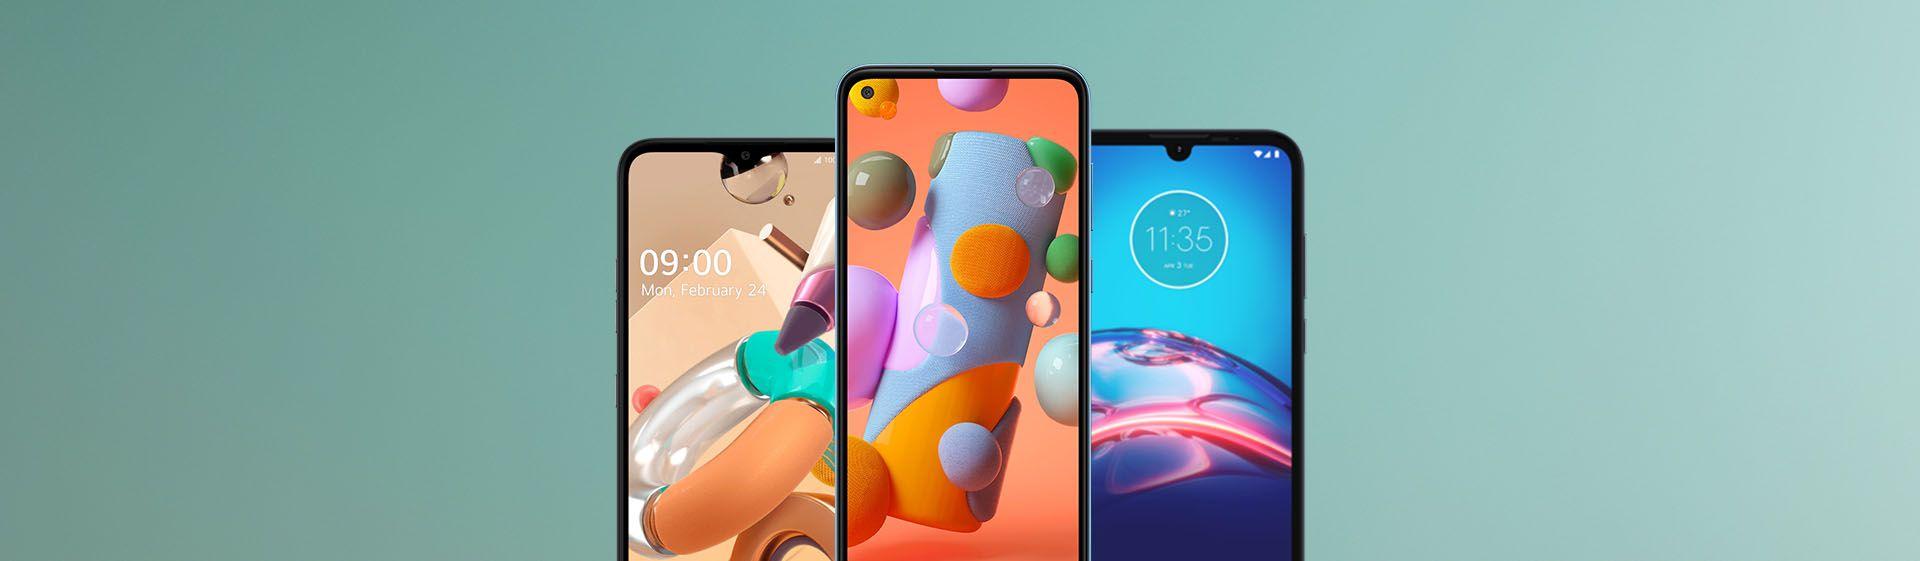 Celular até 1000 reais: veja aparelhos para comprar em 2021